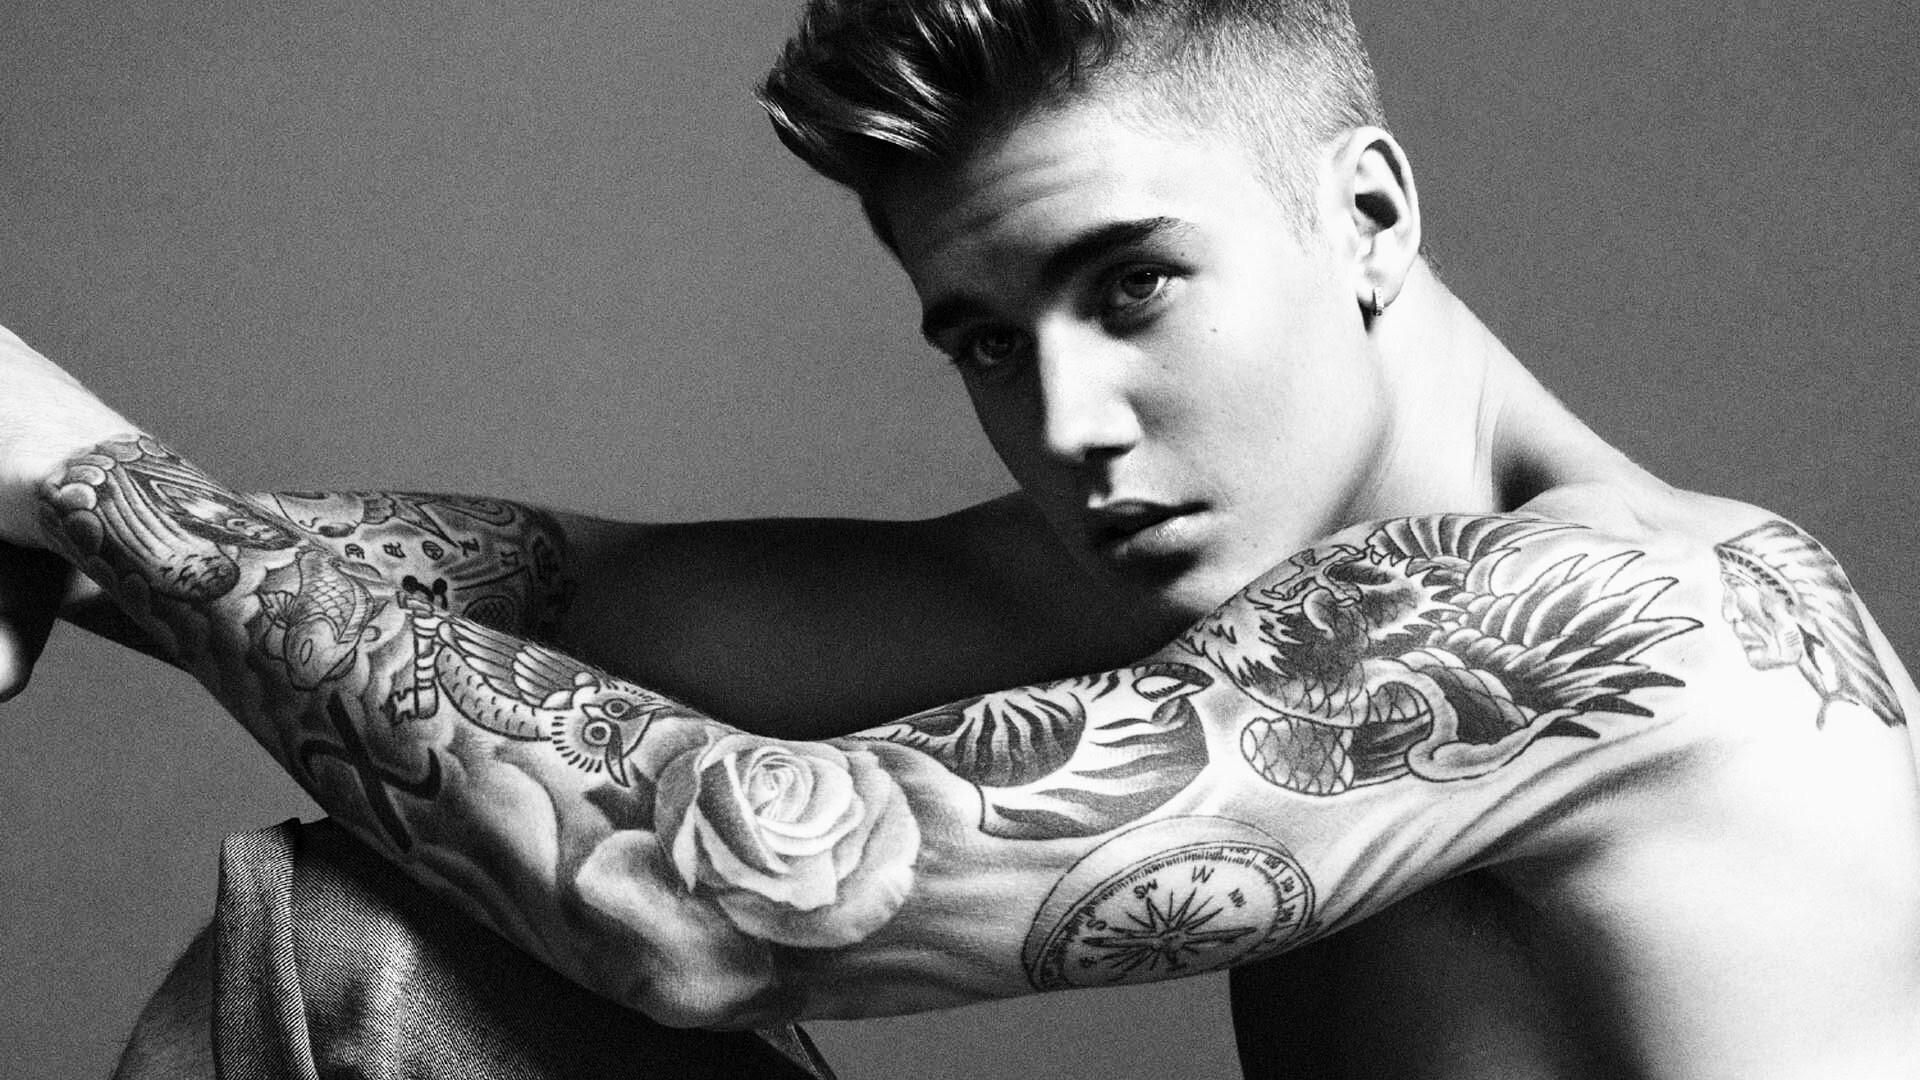 Justin Bieber Wallpaper 2018 71 Images